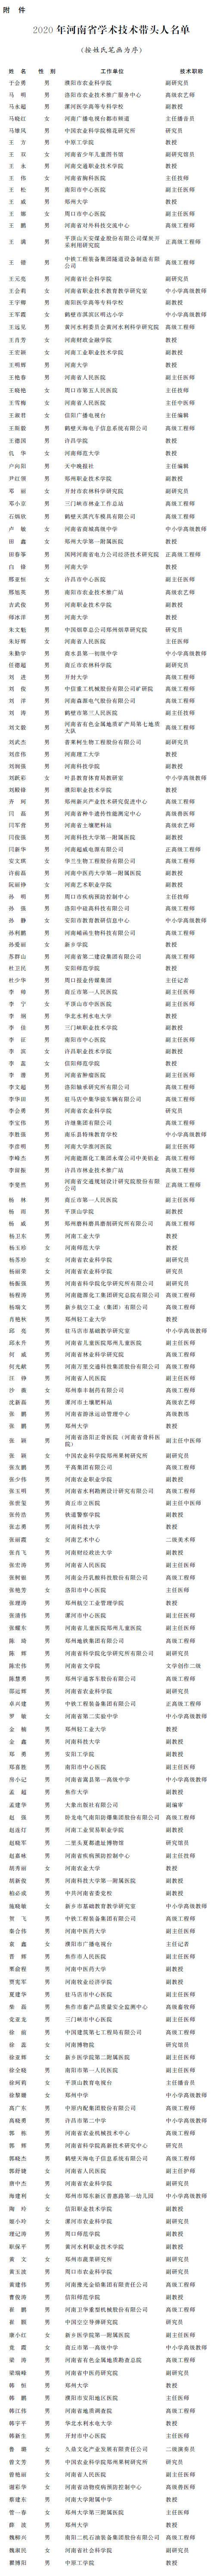 2020年度河南省学术技术带头人名单